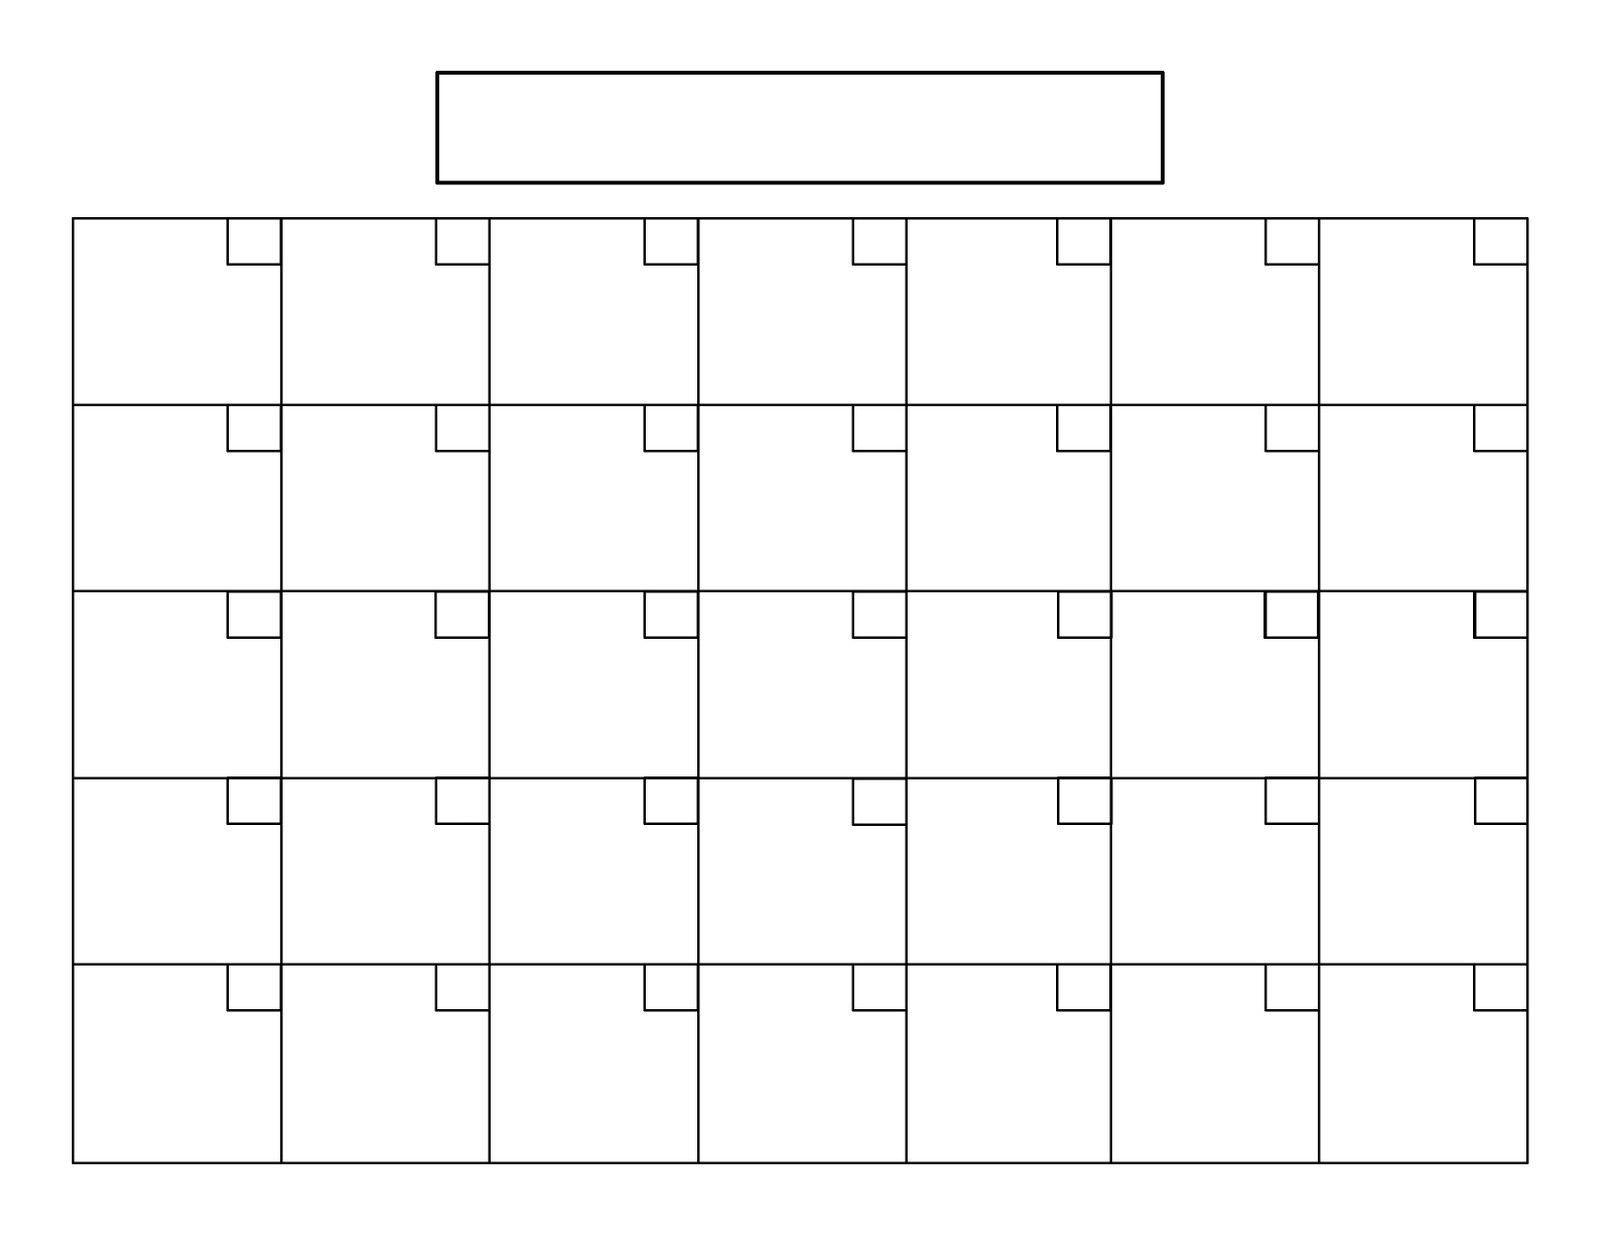 Printable 5 Day Calendar | Printable Blank Calendar, Blank-5 Day Monthly Calendar Printable